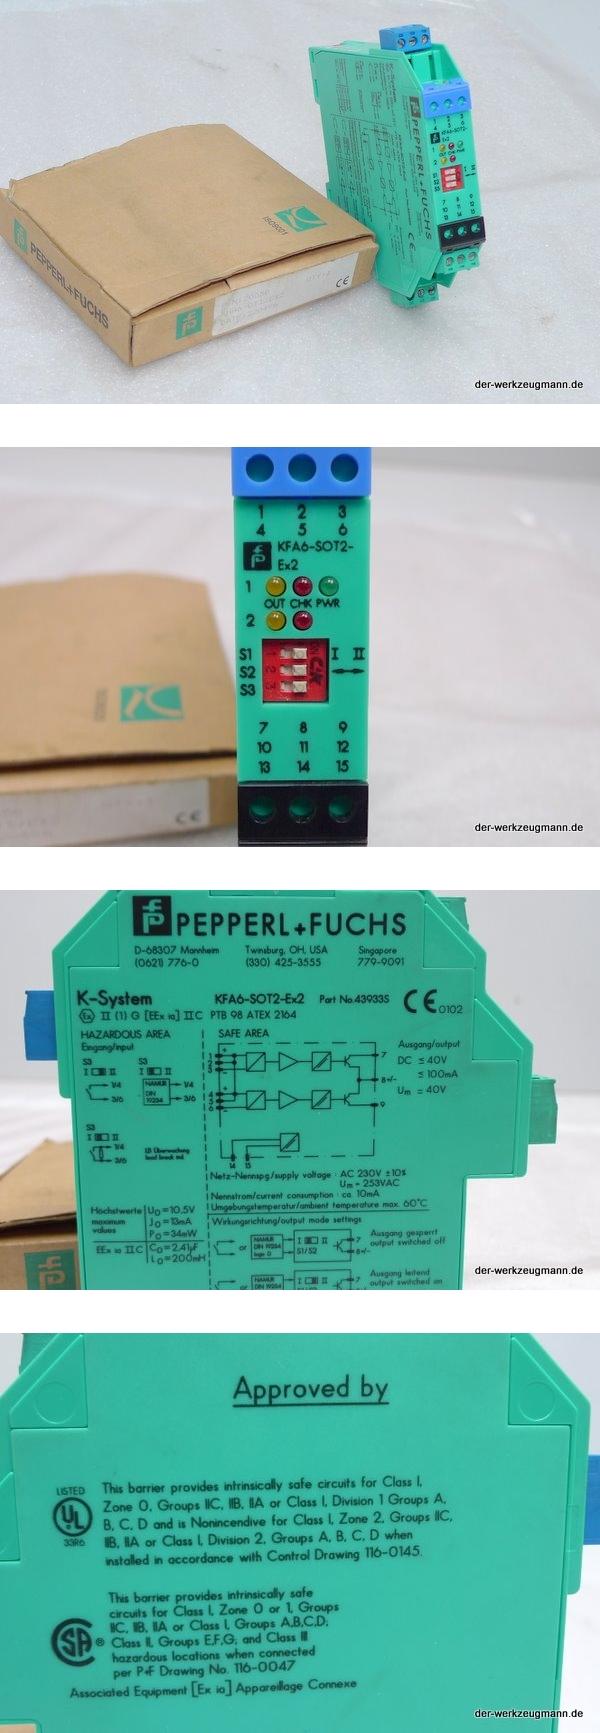 Pepperl Fuchs KFA6-SOT2-Ex2 Schaltverstärker 43933S